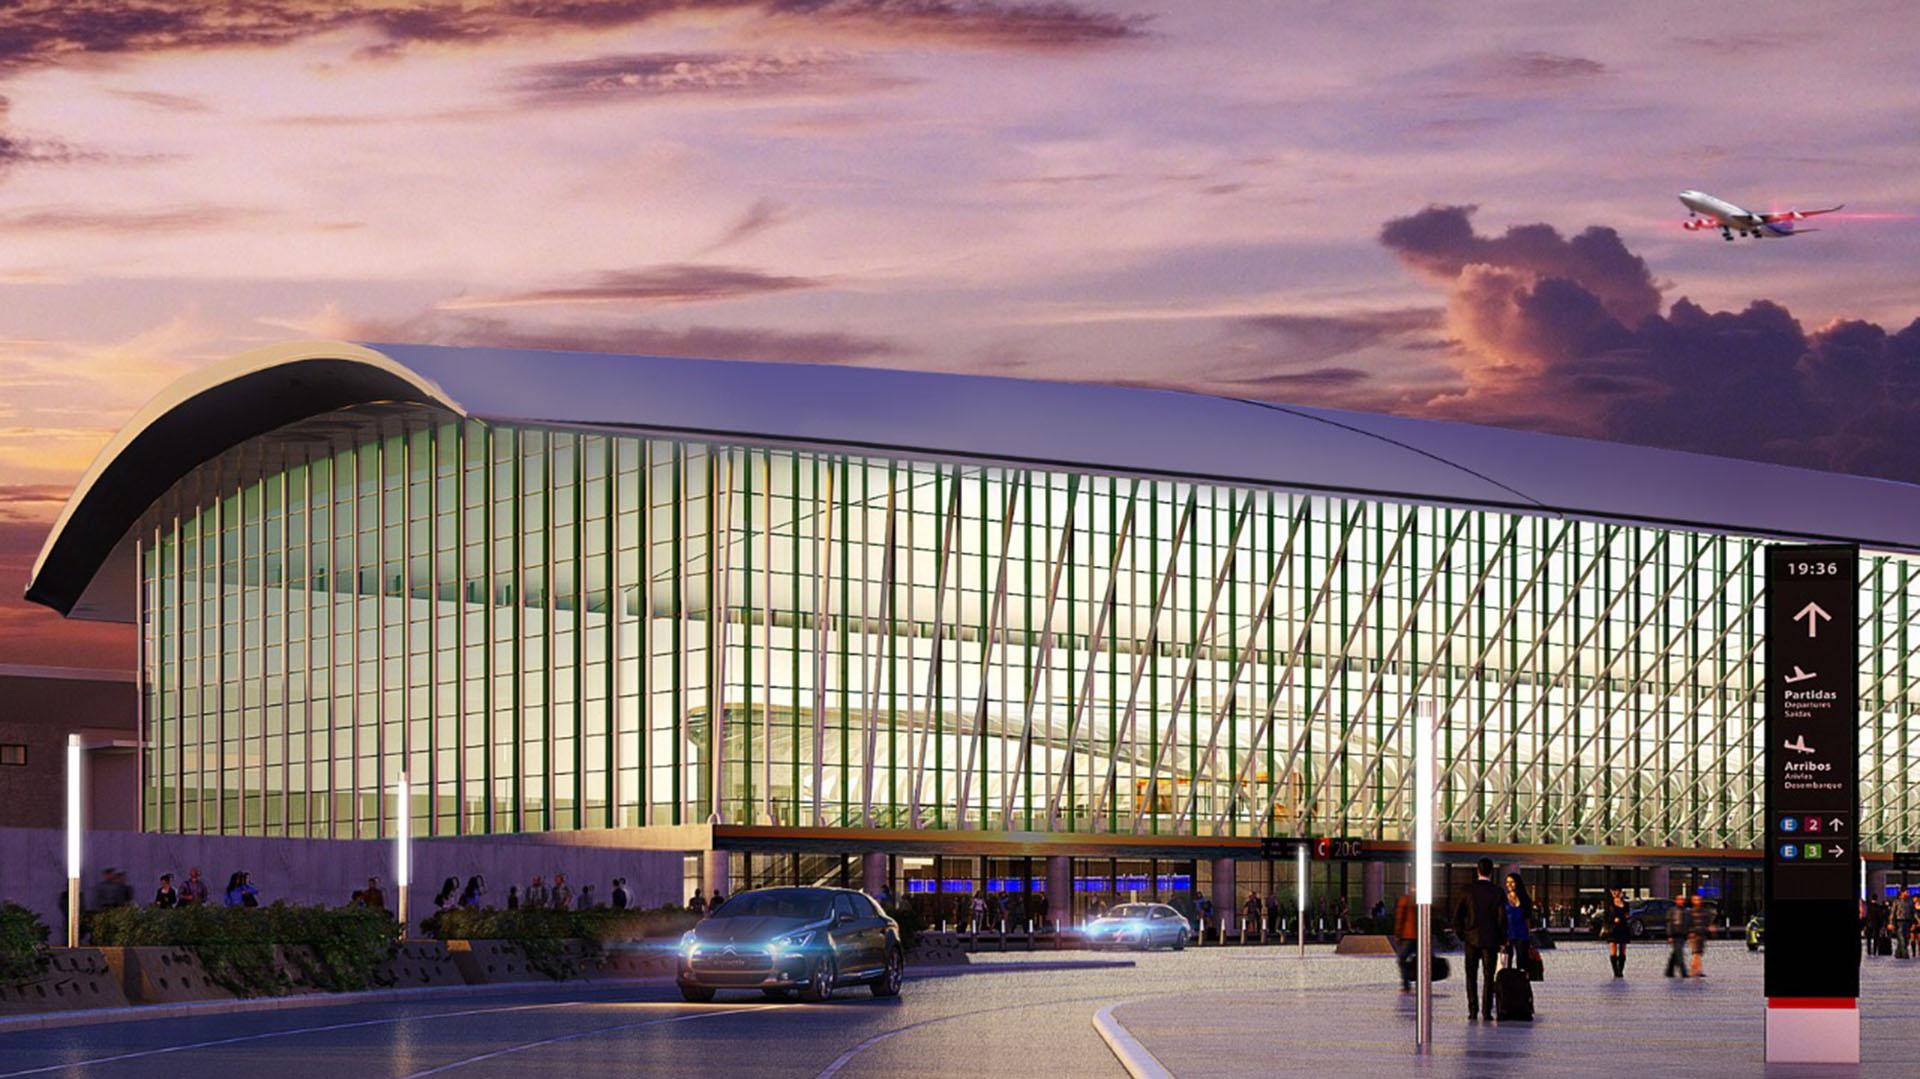 La Terminal de Partidas será tres veces más grande que la Terminal A: 48 mil metros cuadrados tendrá el nuevo hall de partida, en contraste con los 15 mil metros cuadrados de la terminal que se someterá a una reestructuración y un cambio de funciones. Se construyó sobre la base de dónde estaba antes el Aeropuerto que se había edificado para el Mundial de 1978